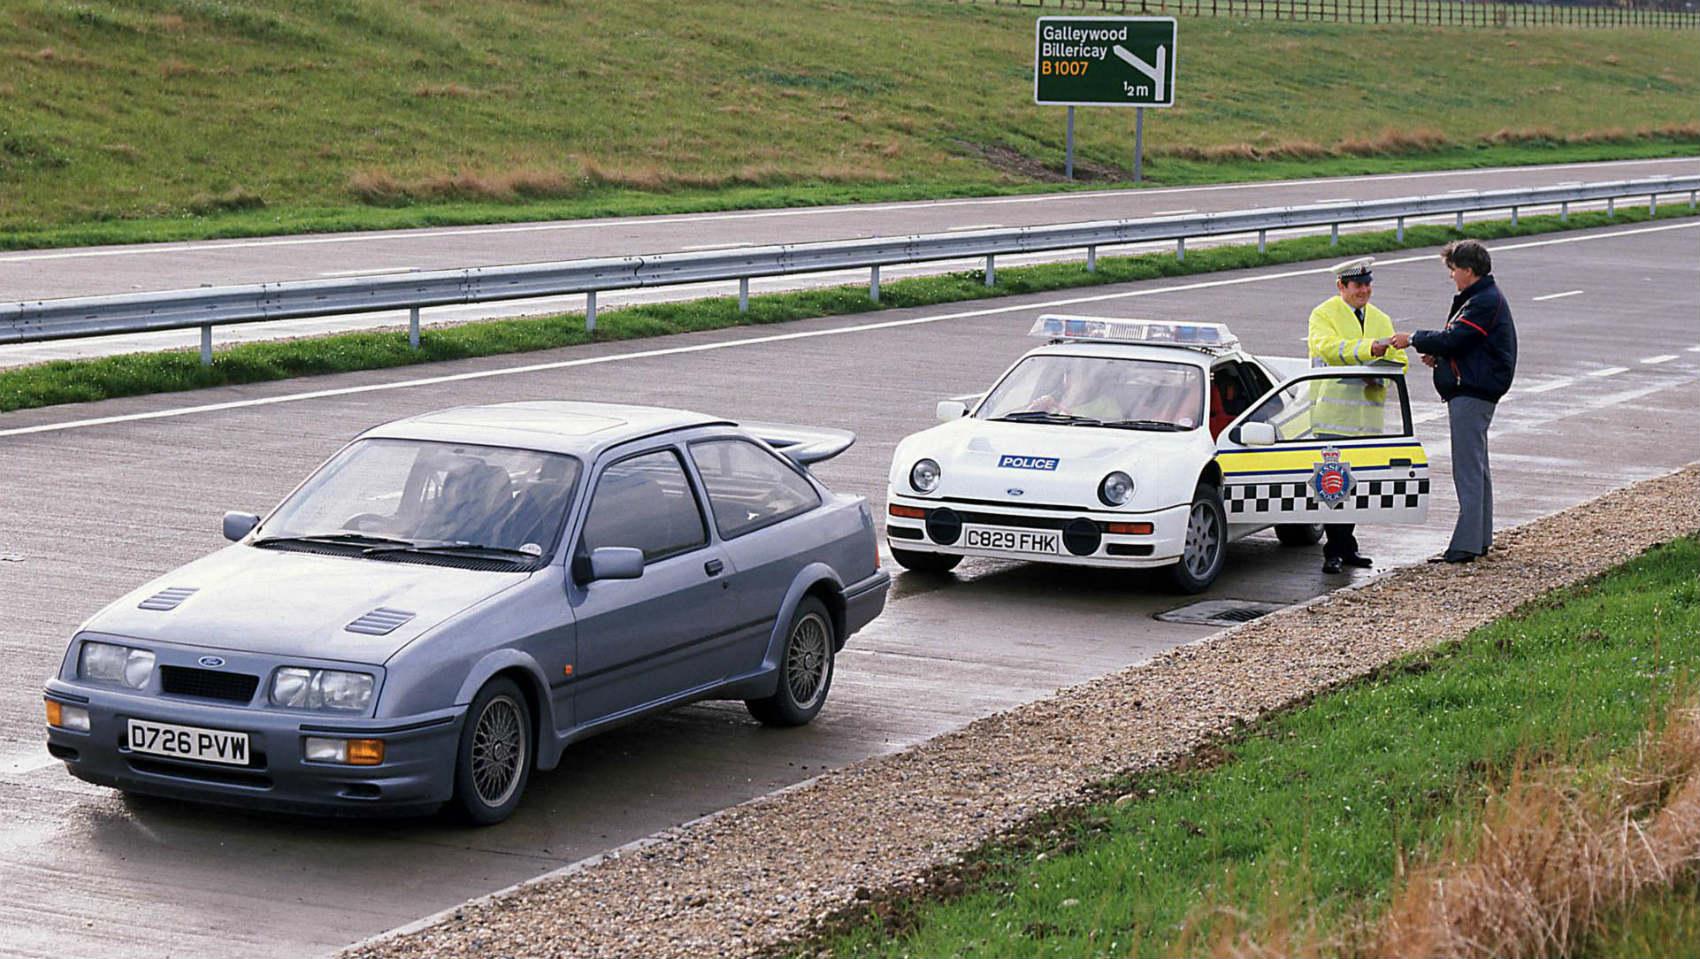 Ford Focus RS de la Policía británica